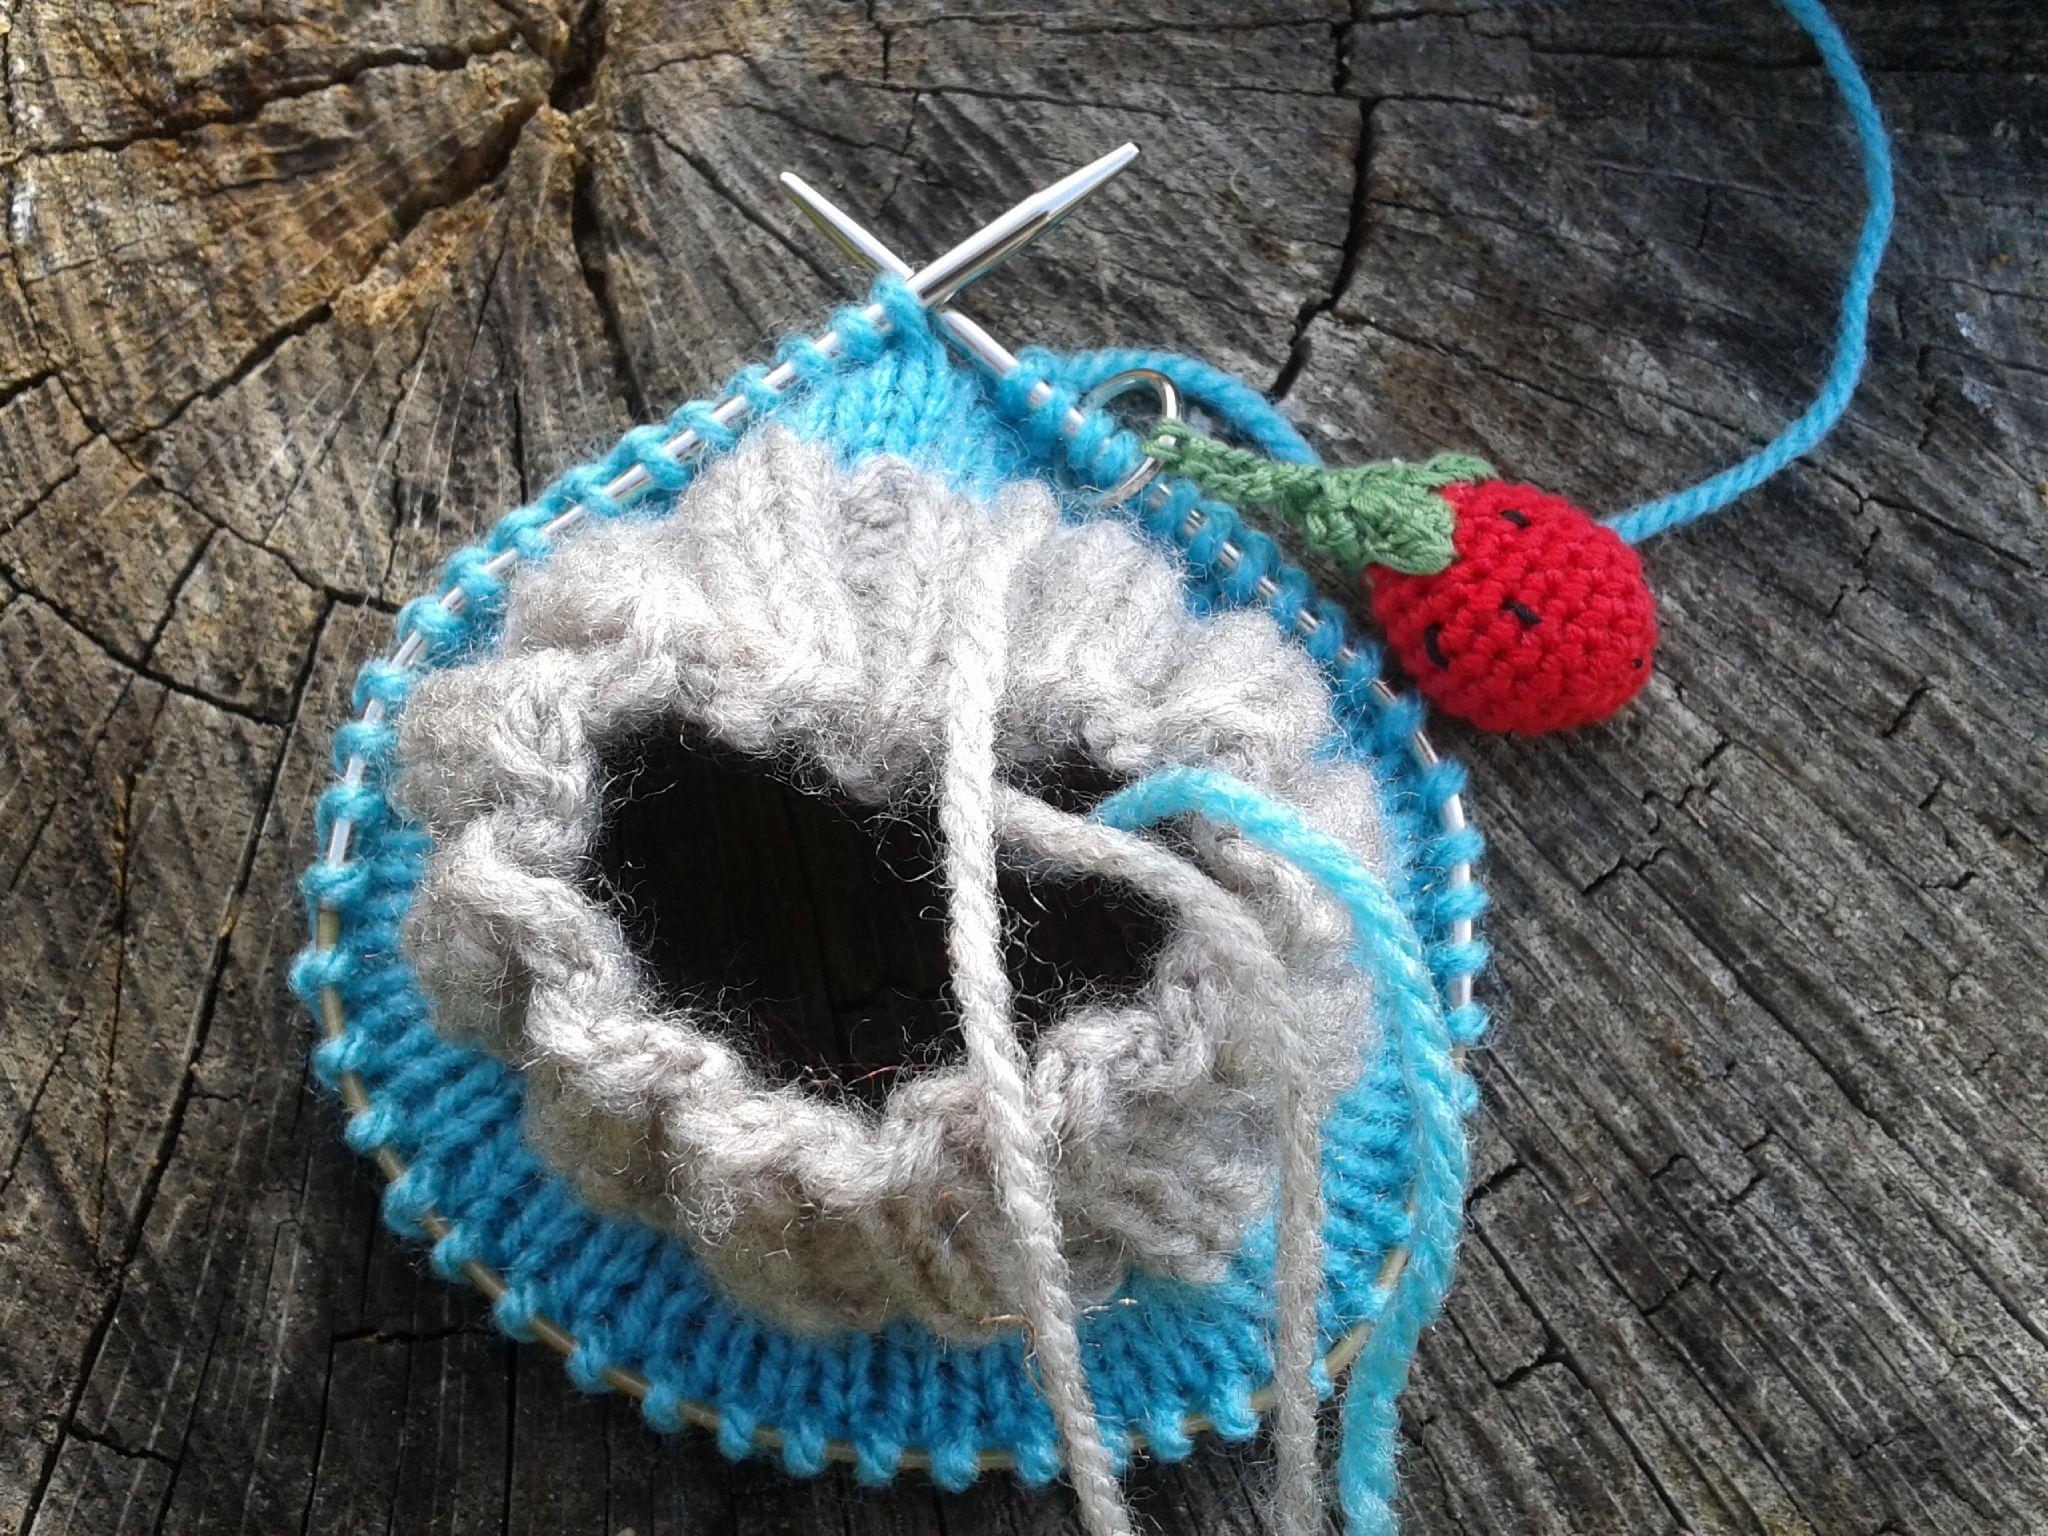 Tuto chaussette tricot aiguille circulaire - Tout pour le bébé